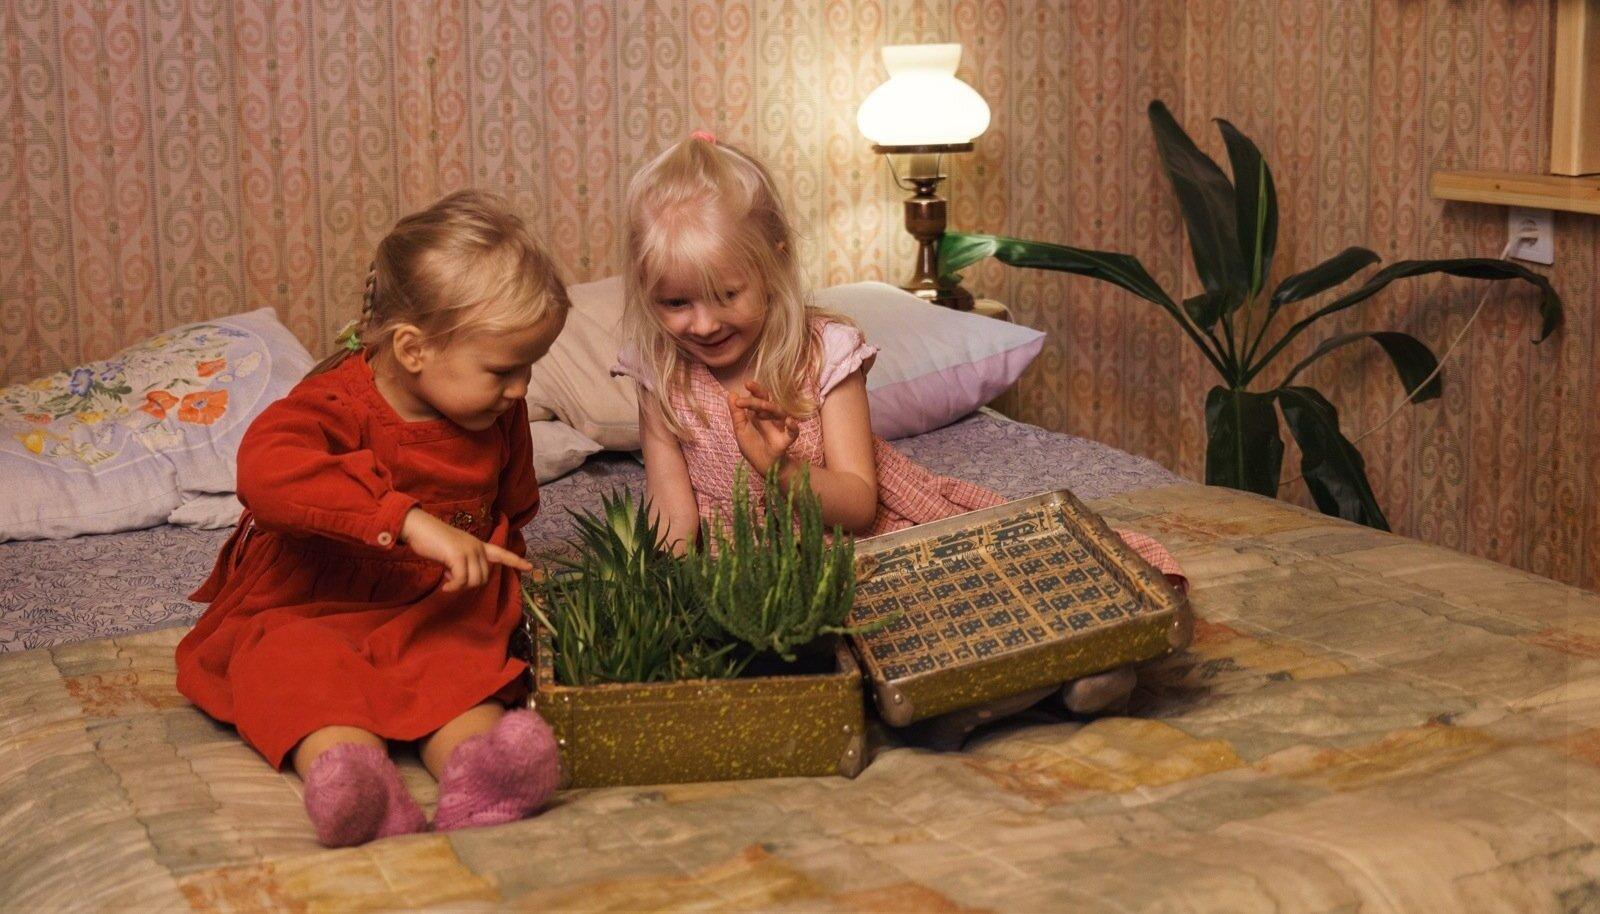 Tütred Merylin ja Anette-Mai uudistavad kohvris olevaid taimi: vähenõudlikku havortiat ja raipekaktust.